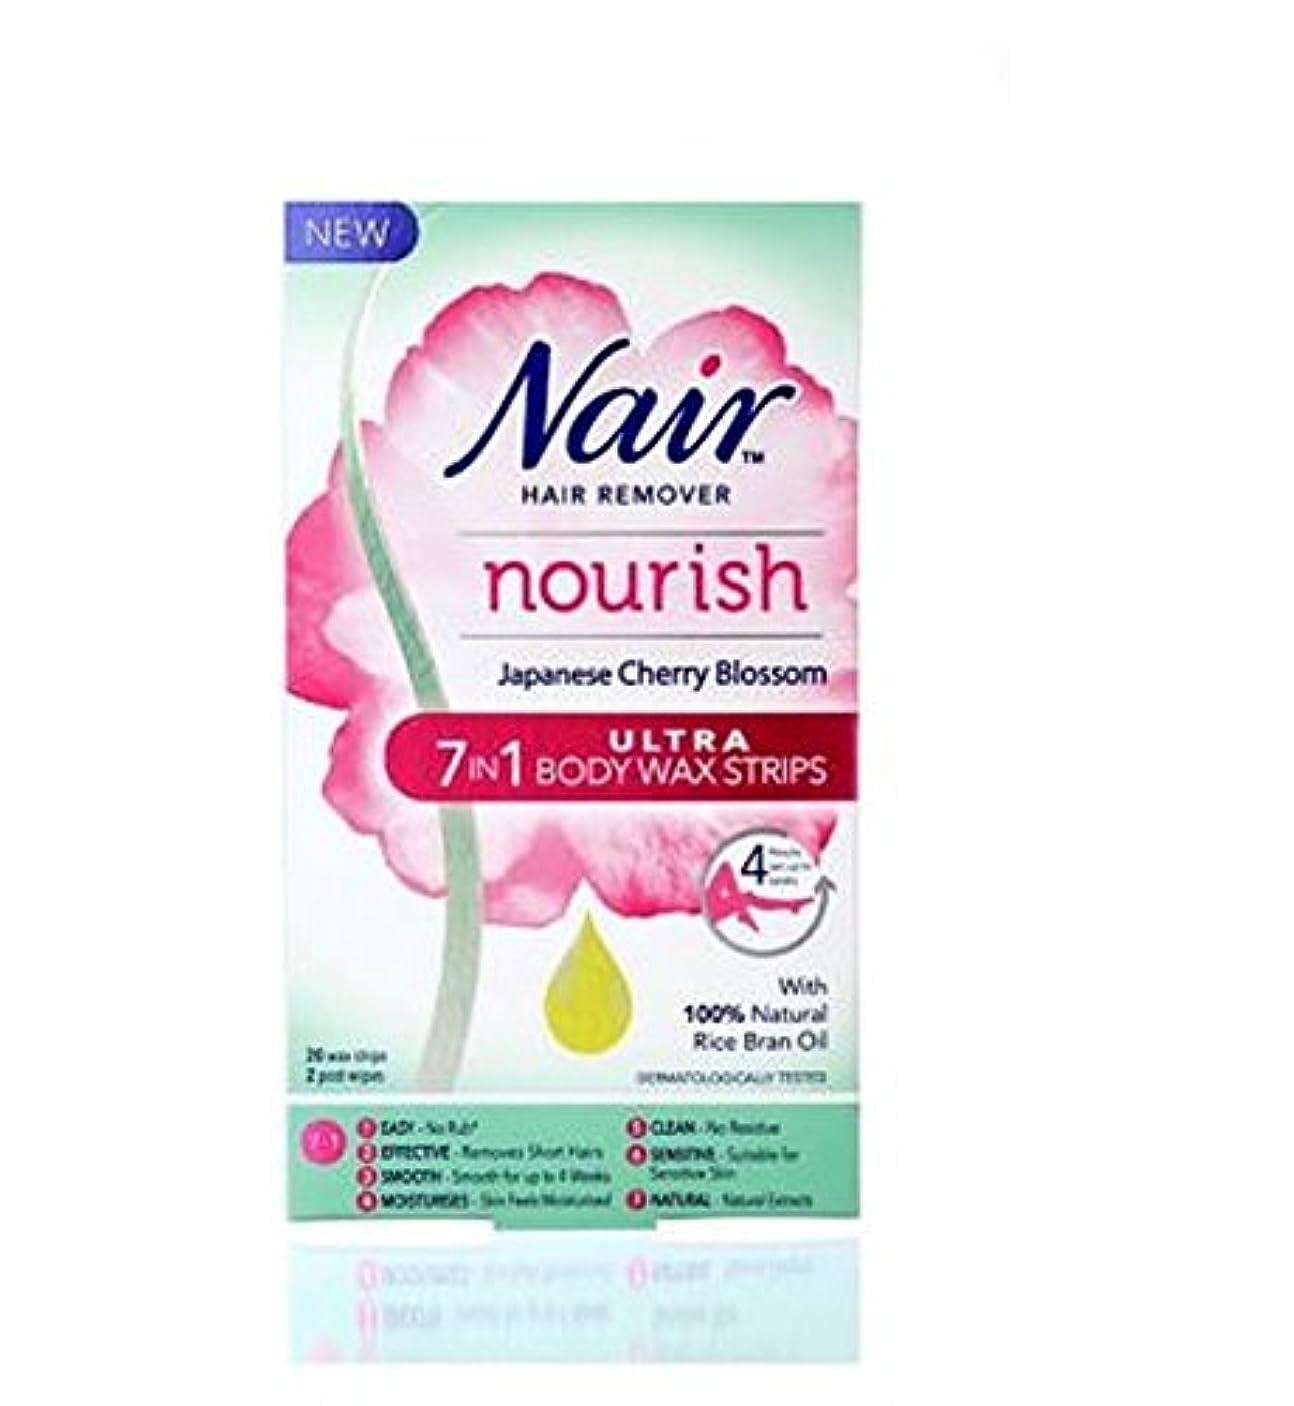 バッフル格納航空機Nairさんは1ウルトラボディワックスストリップ20代の日本の桜7を養います (Nair) (x2) - Nair Nourish Japanese Cherry Blossom 7 In 1 Ultra Body Wax...